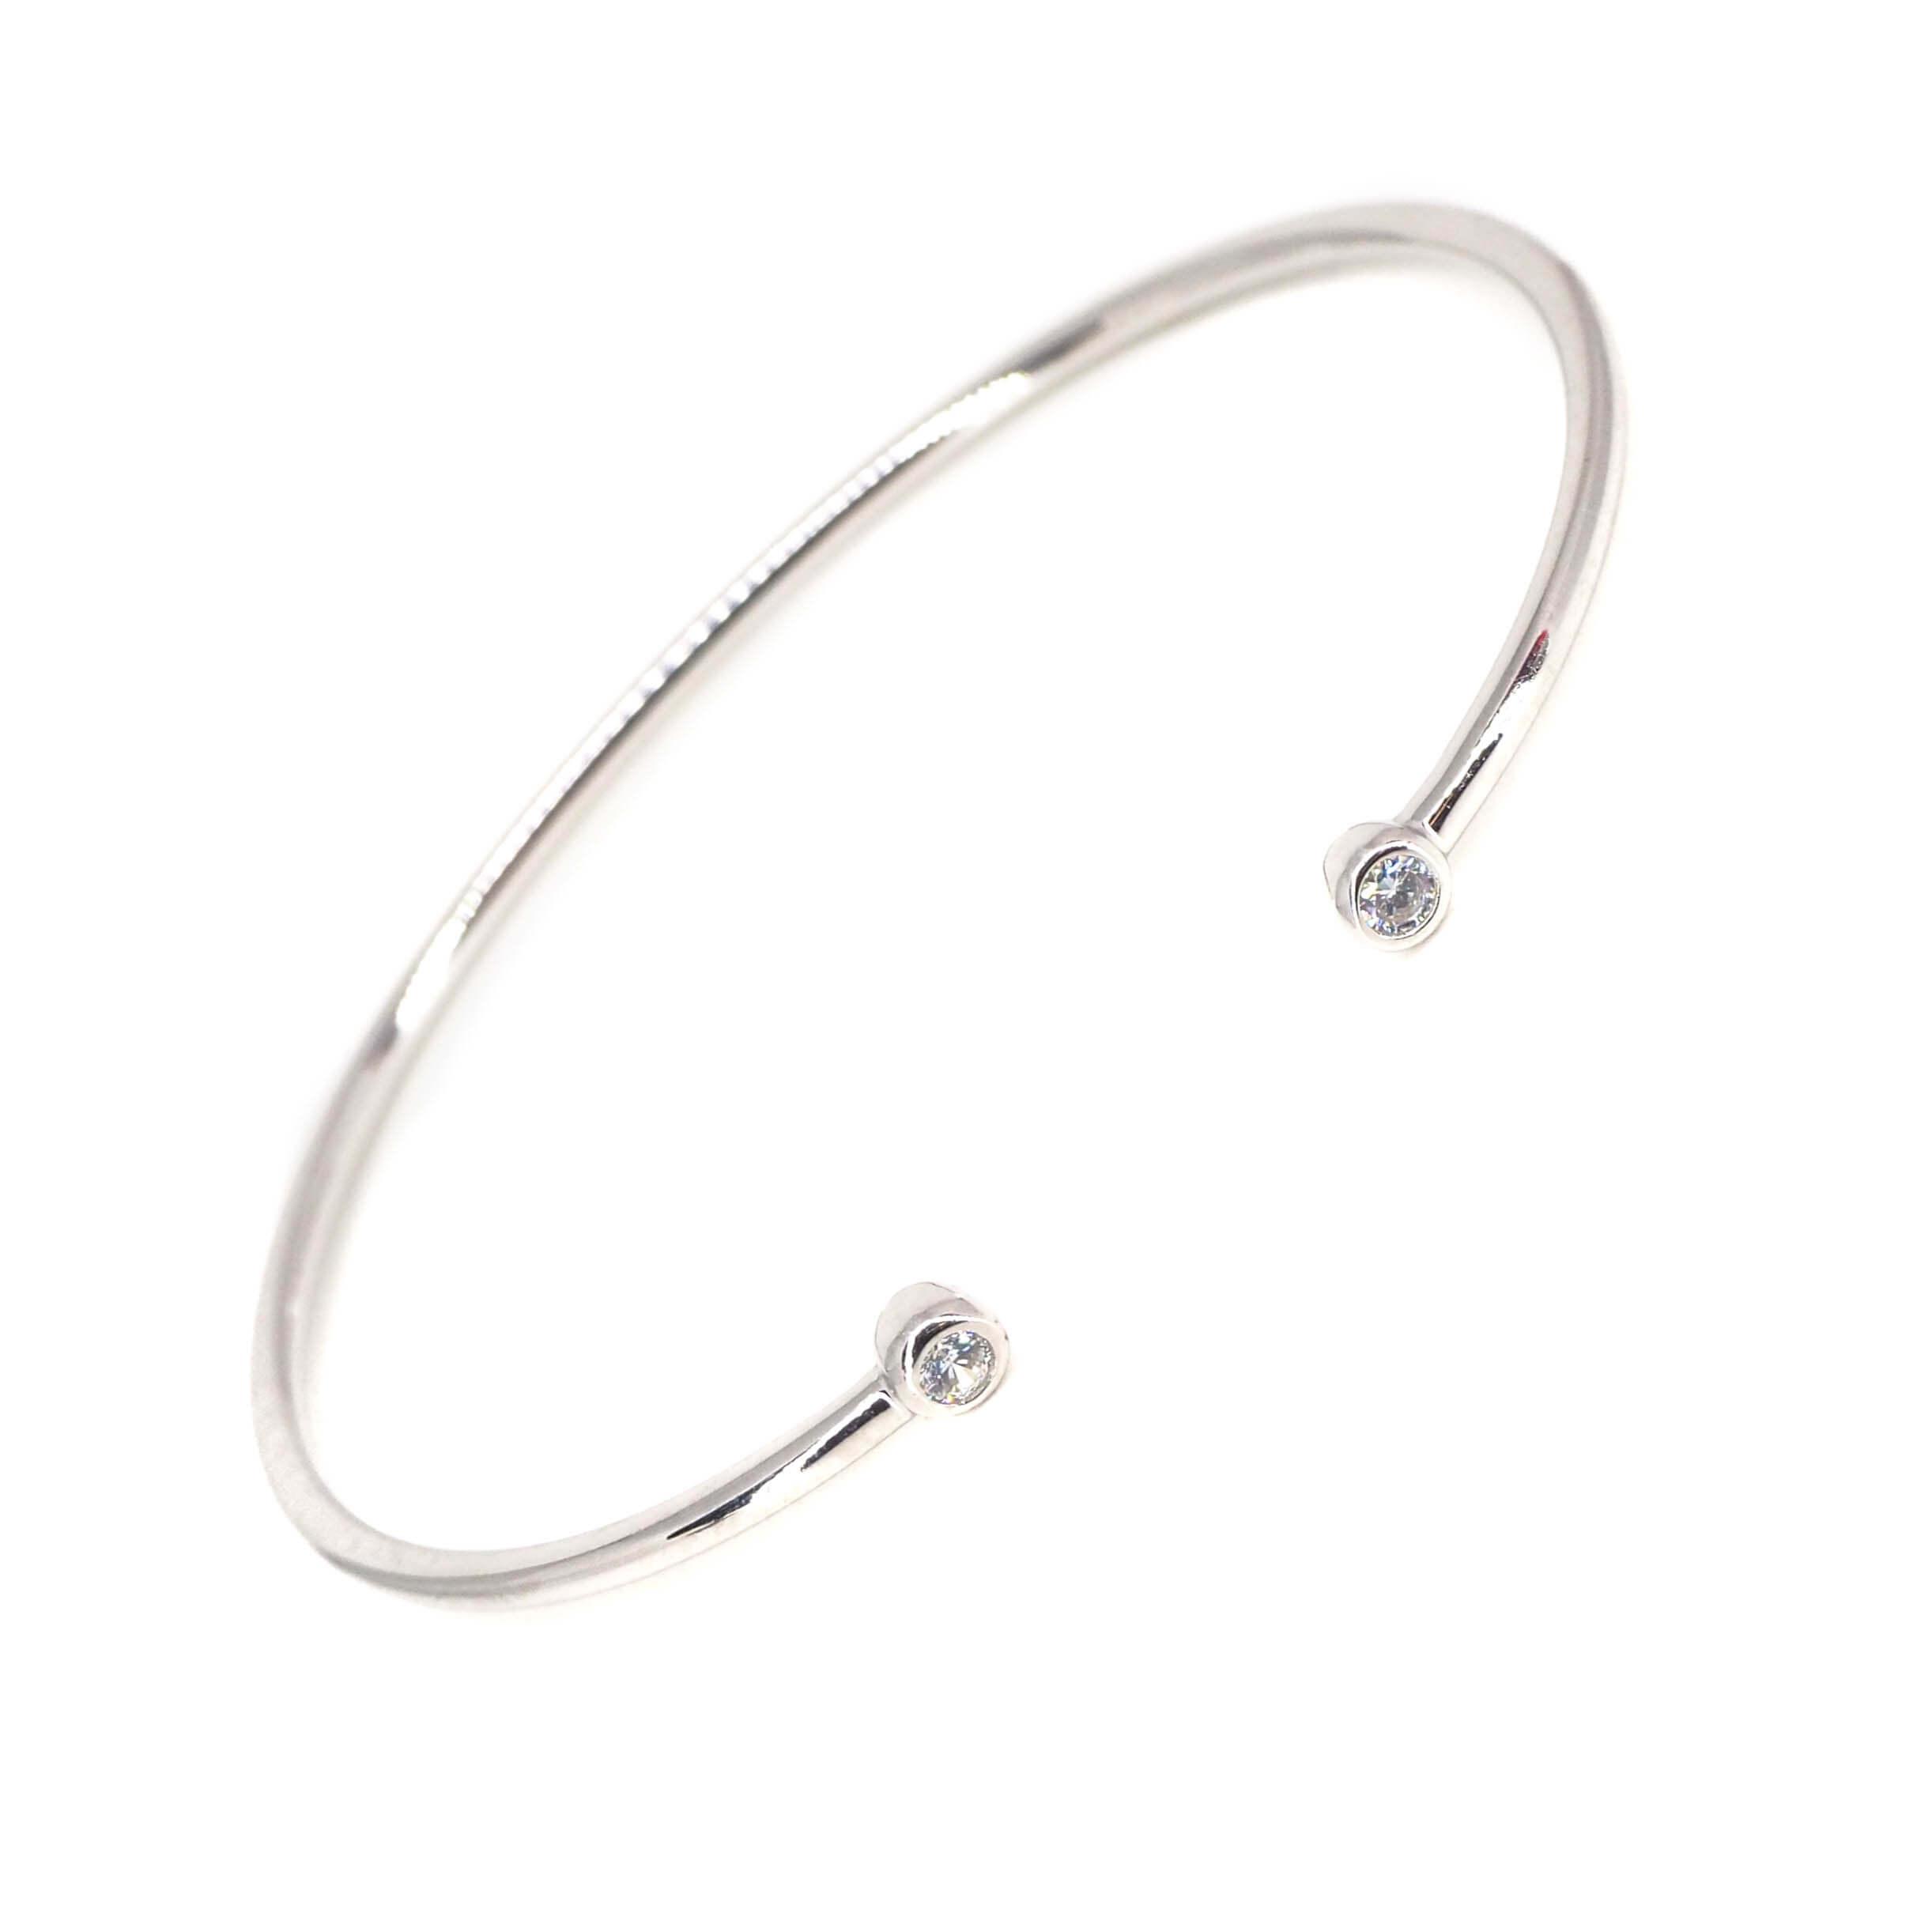 Bracelet jonc brillants en argent - Les créations de Lili